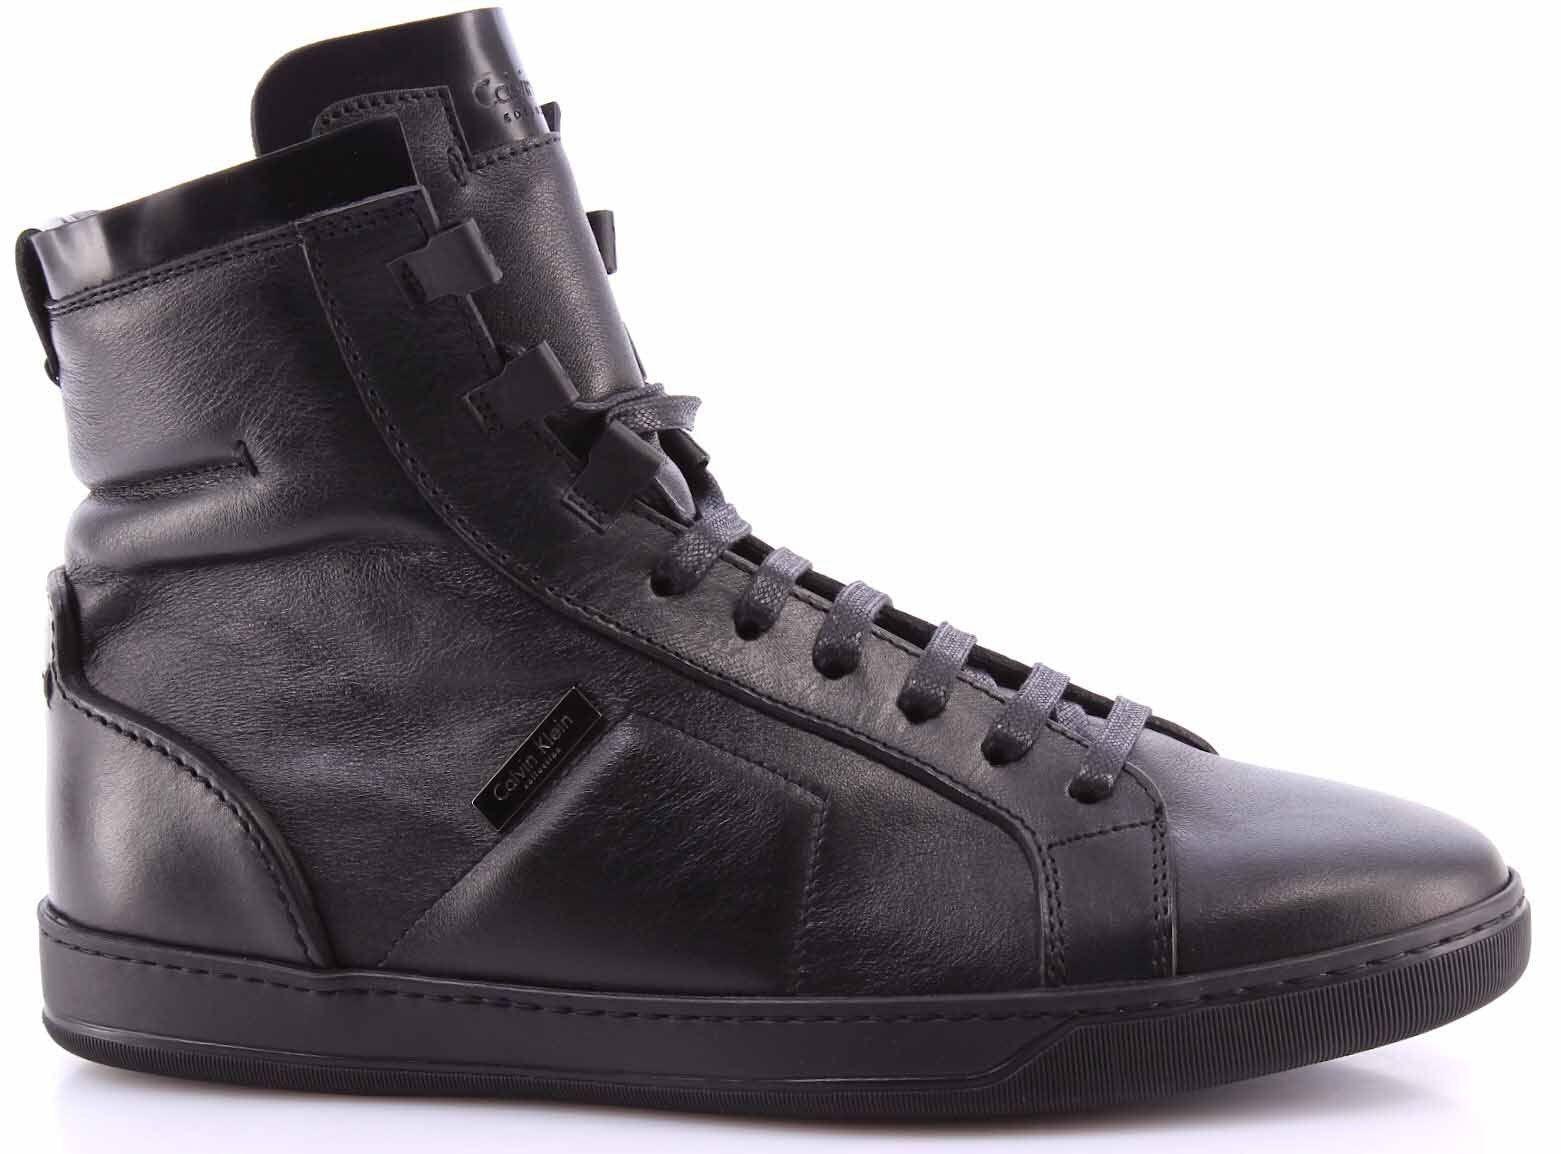 Herren Schuhe High Top Sneaker CALVIN KLEIN Collection 04026/AC SCalf Nero Leder